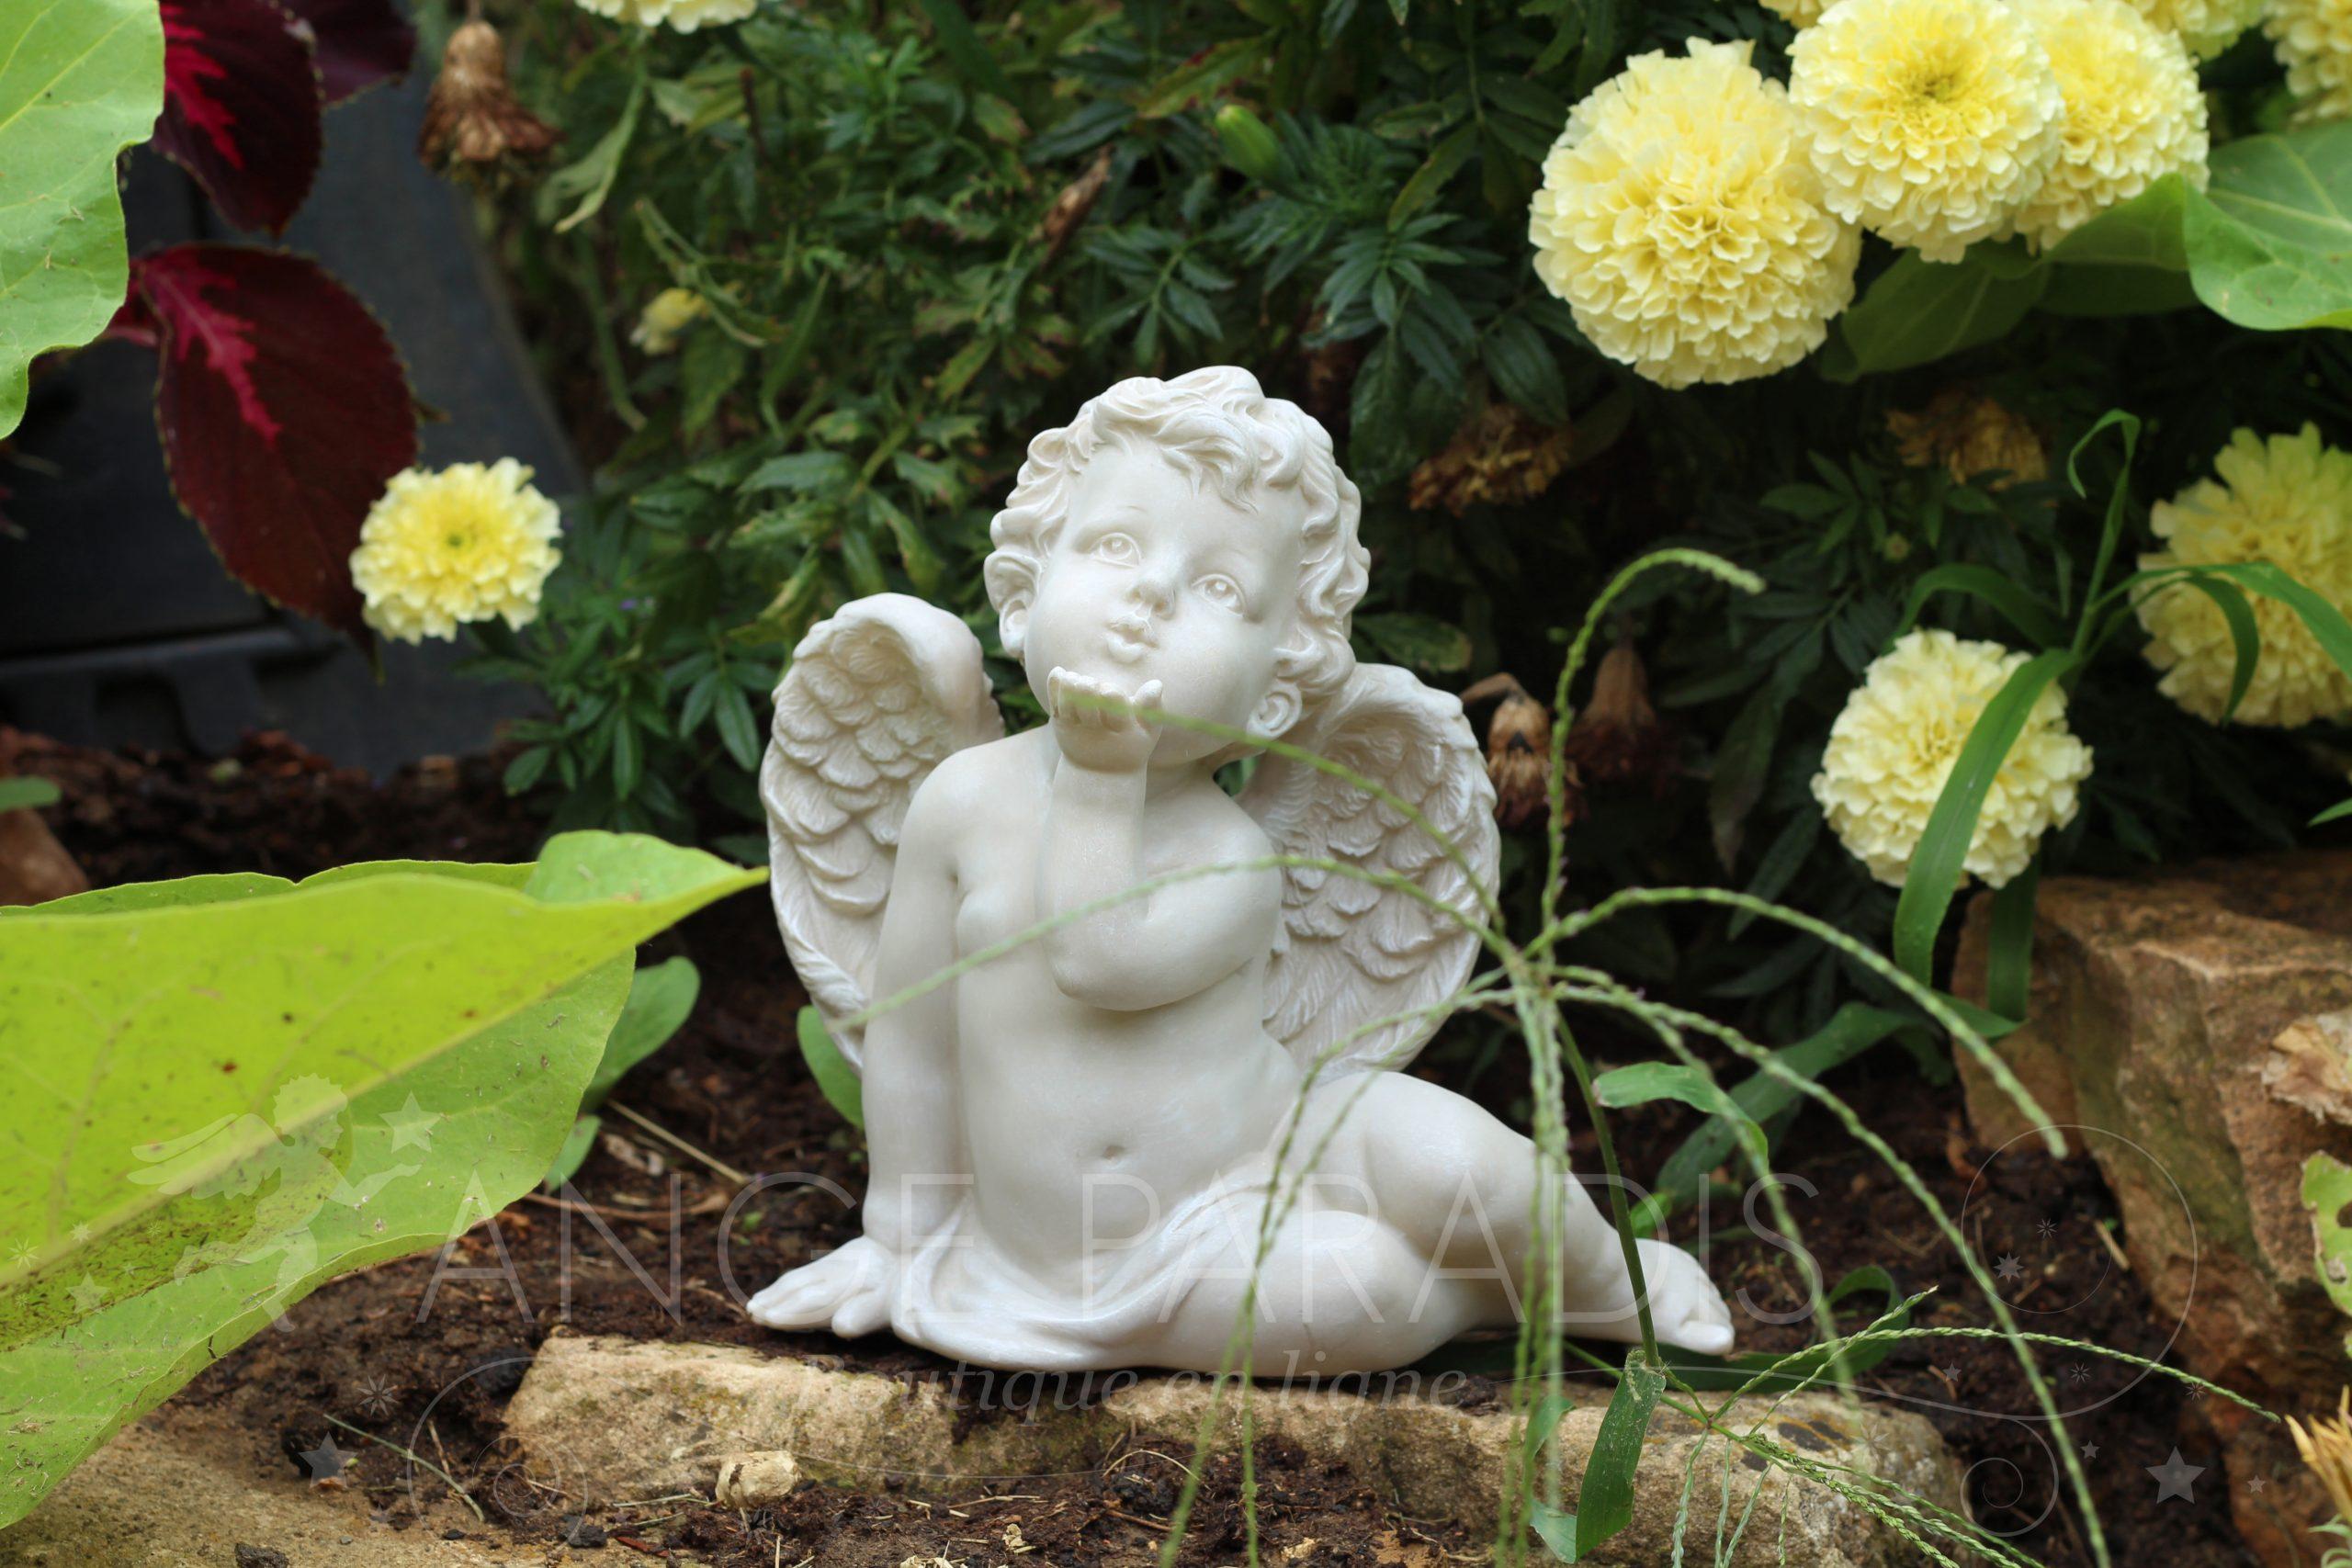 Statuette Ange Exterieur - Statuettes Anges Pour Exterieur ... avec Statue De Jardin Pas Cher